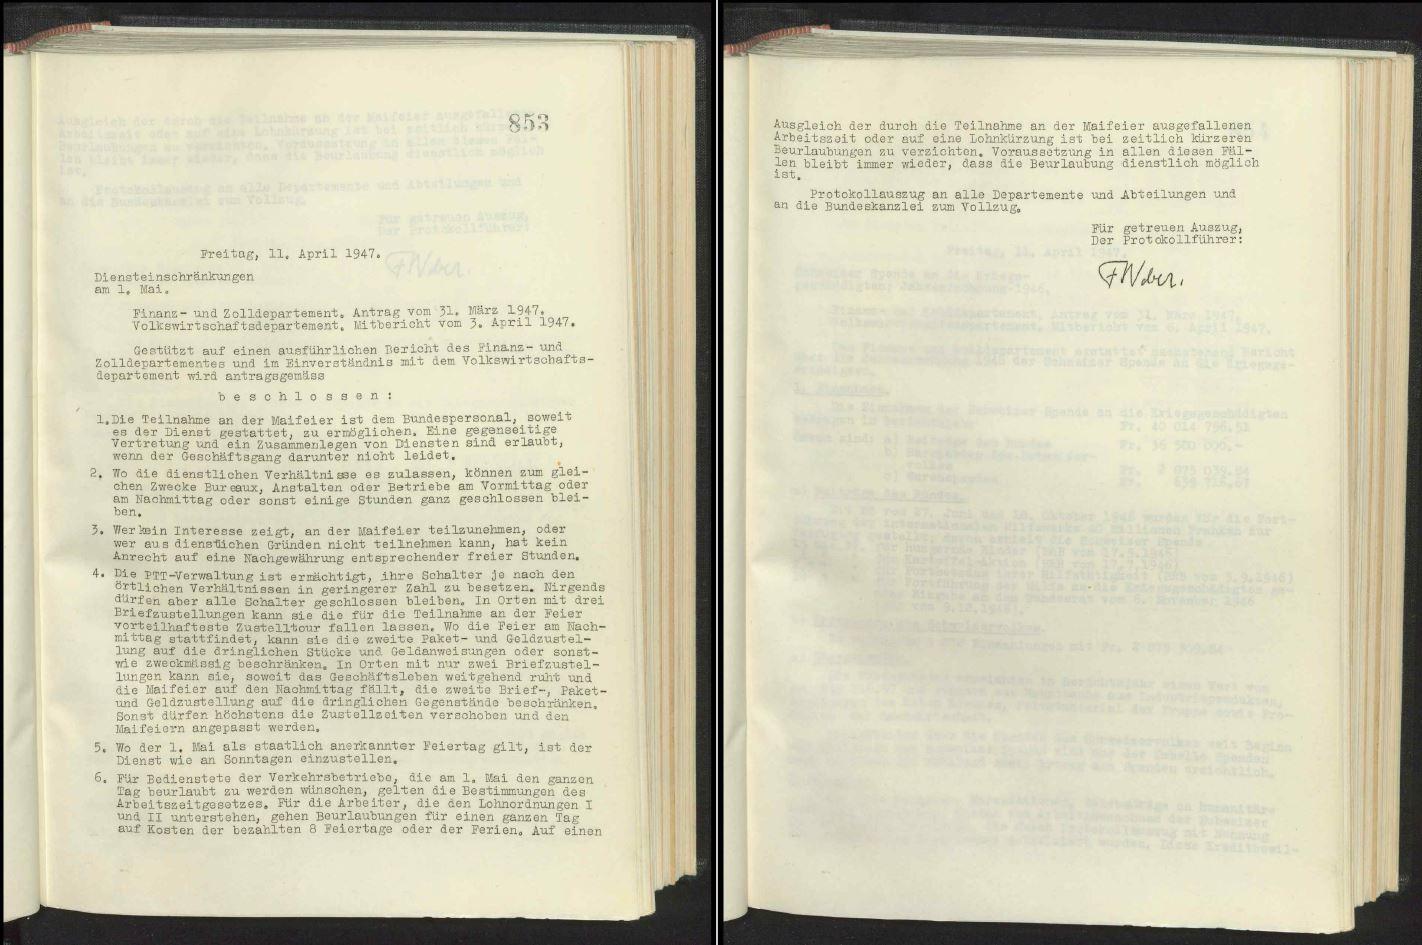 Auszug aus dem Protokoll des Bundesrates vom 11. April 1947 zu den Diensteinschränkung am 1. Mai